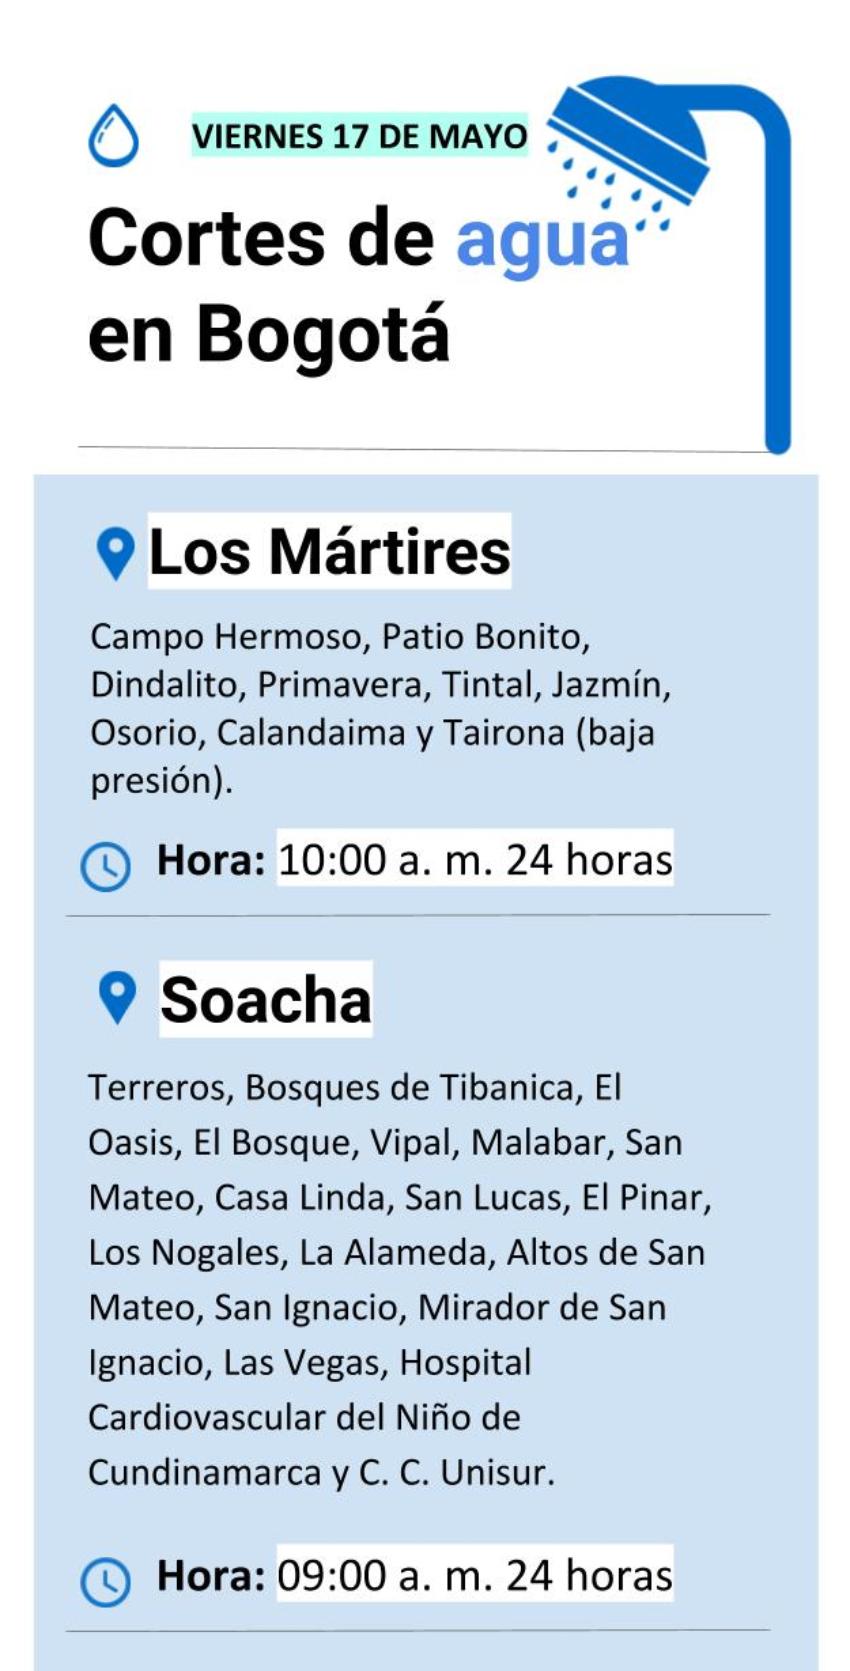 Cortes de agua en Bogotá viernes 17 de mayo